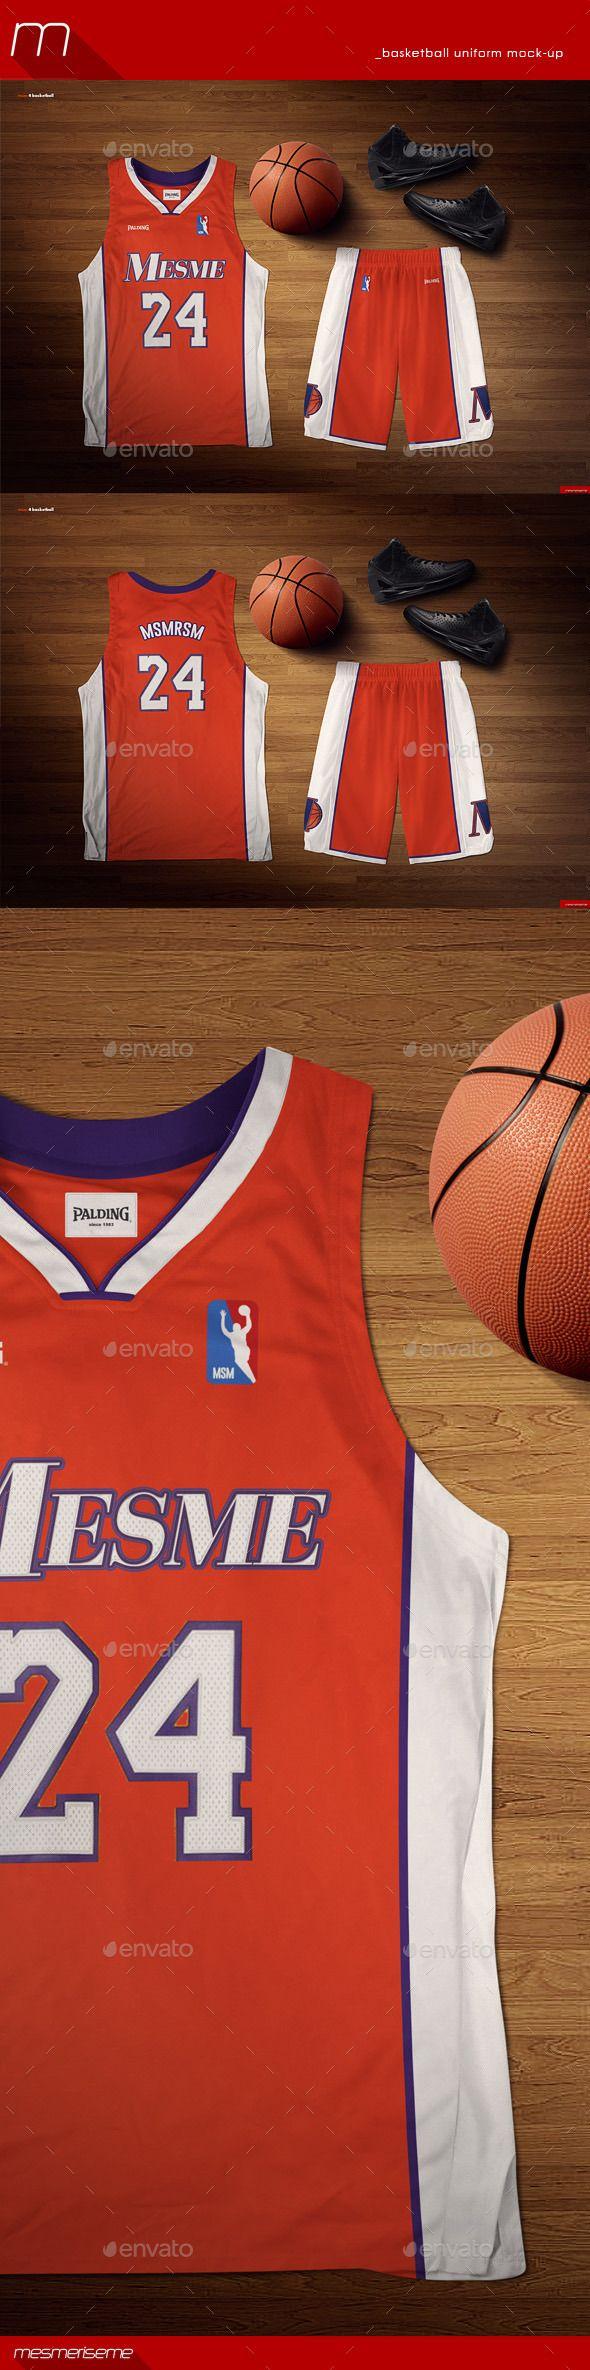 Download Basketball Uniform Mock Up Download Http Graphicriver Net Item Basketball Uniform Mockup 8892993 Ref Ksioks Basketball Uniforms Basketball Uniform